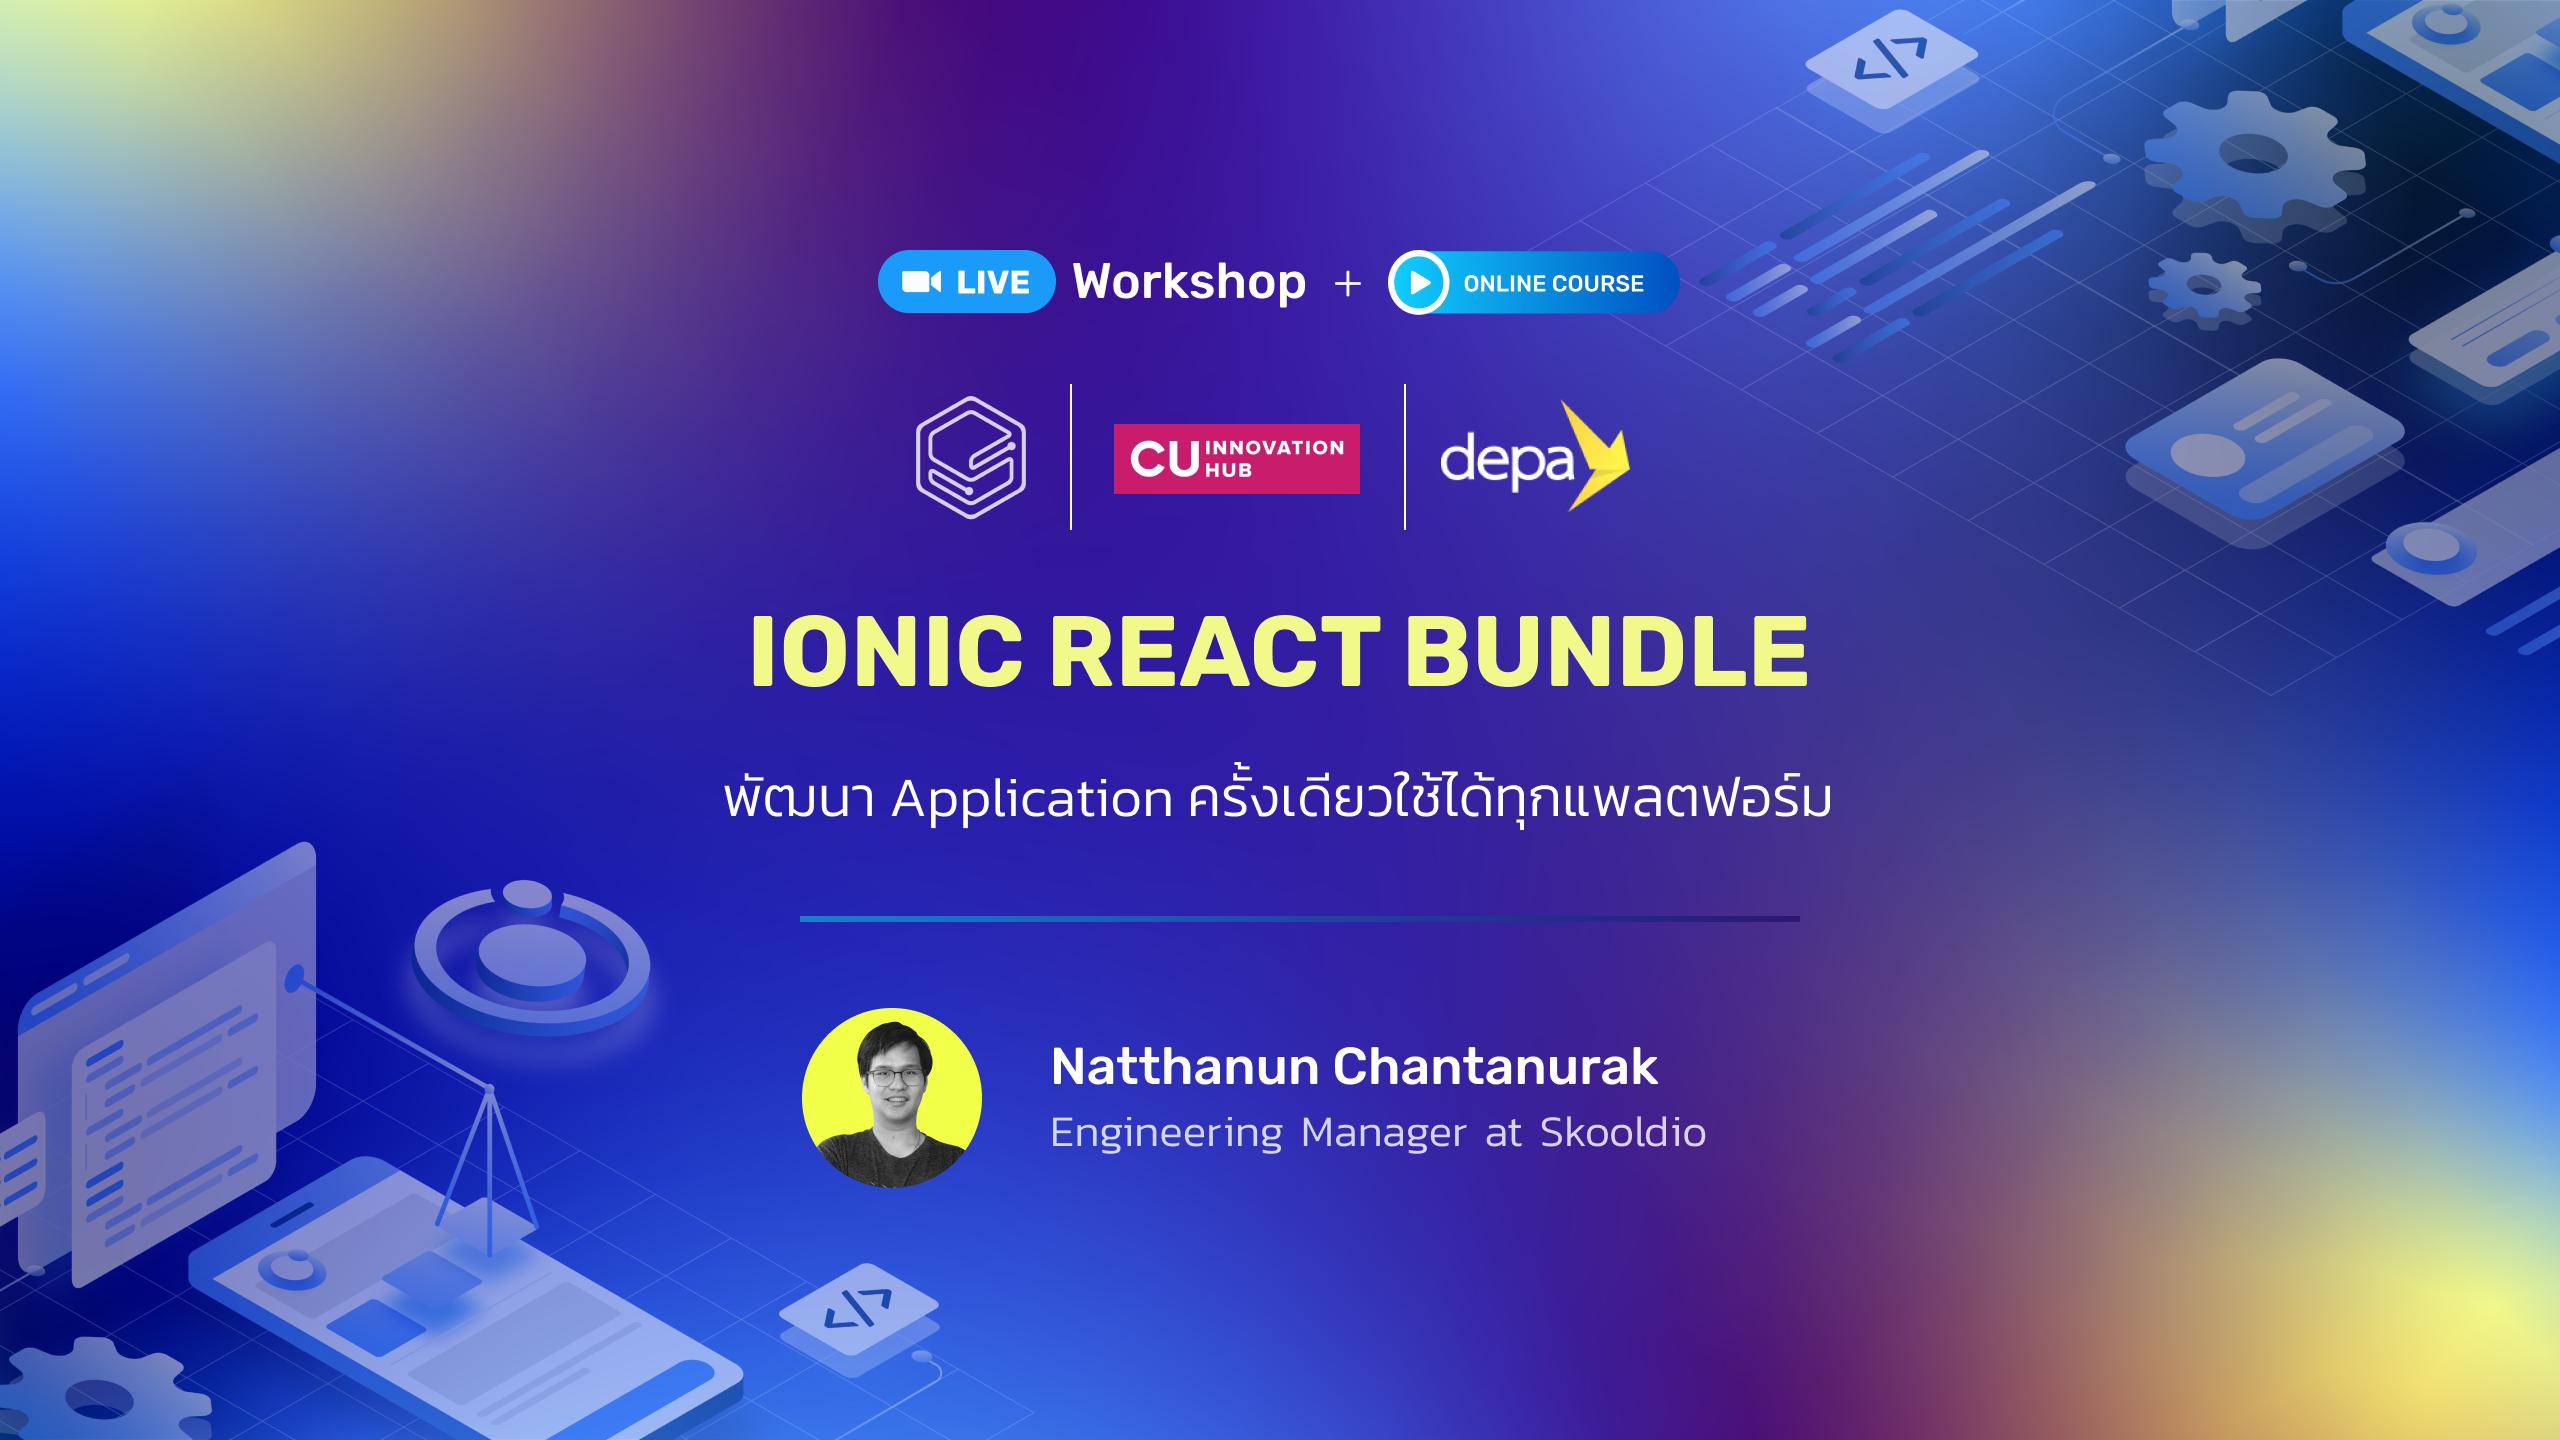 พัฒนา Application ครั้งเดียวใช้ได้ทุกแพลตฟอร์ม | Skooldio Live Workshop: Ionic React Fundamentals รุ่นที่ 3 (สำหรับผู้ที่สามารถใช้ React)